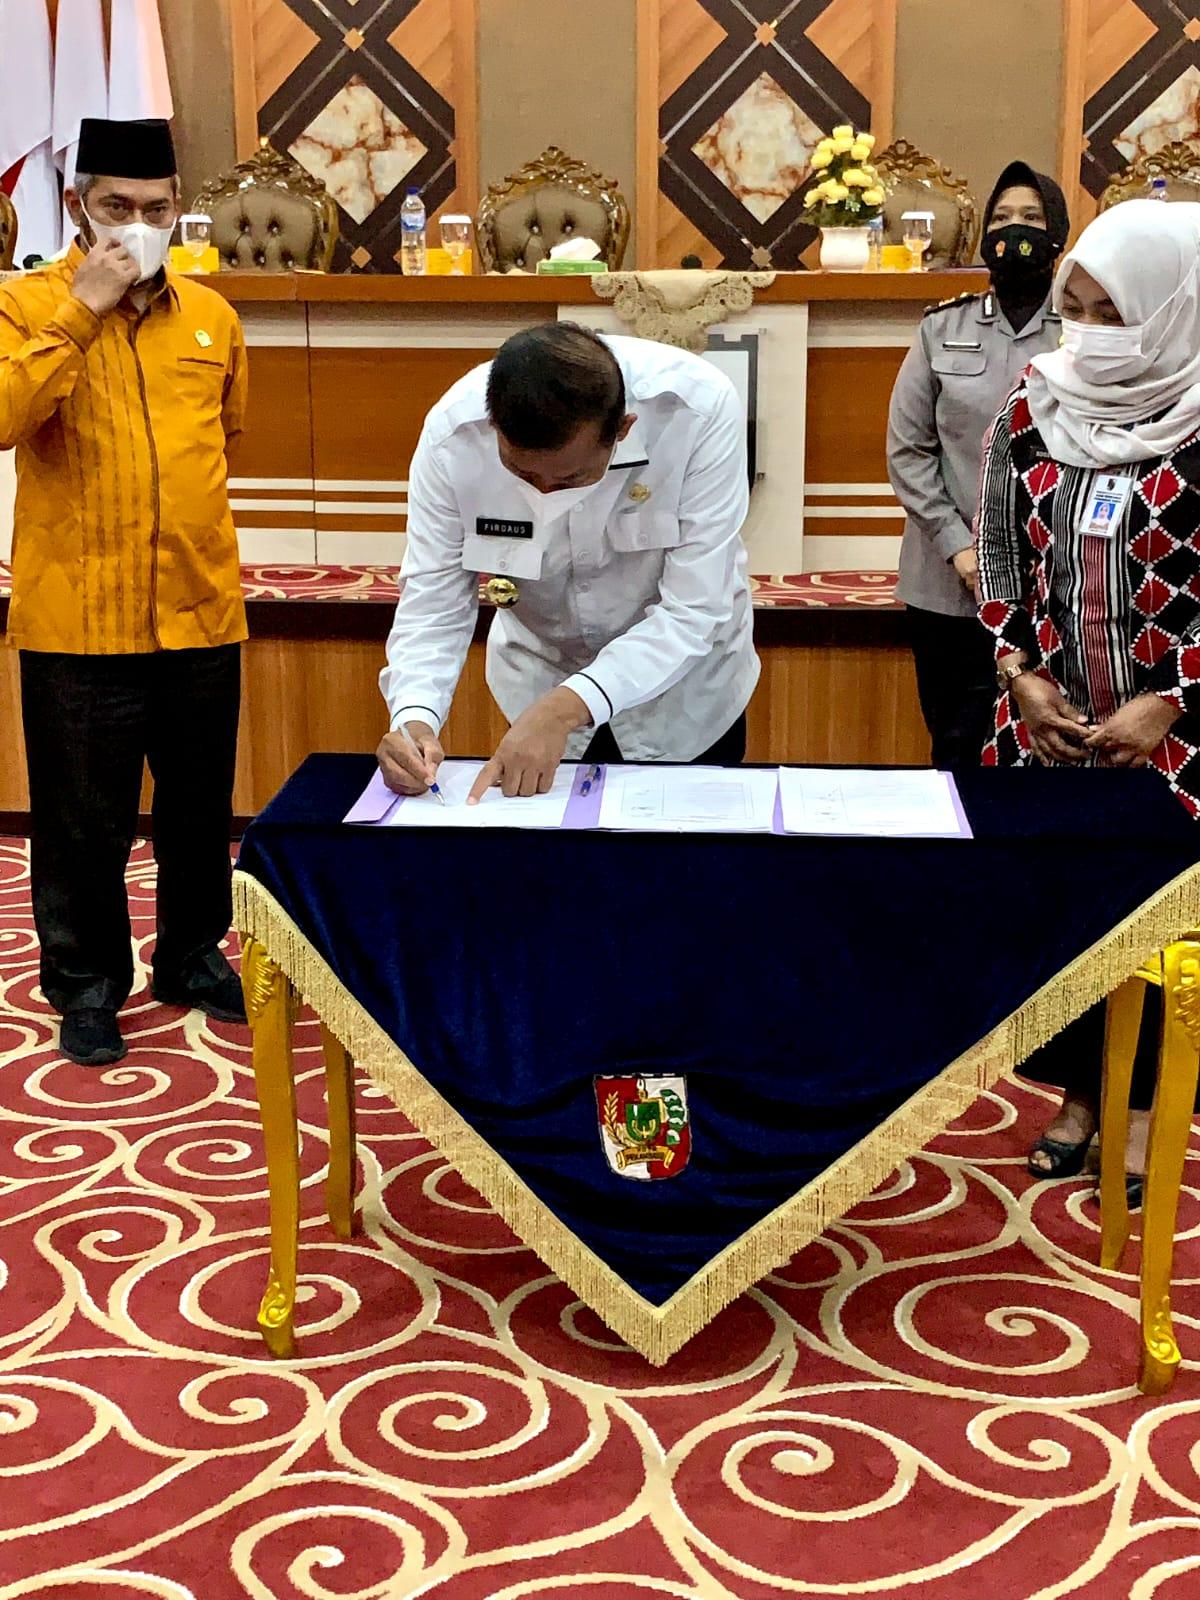 Image : Pemko Pekanbaru Alokasikan Anggaran Rp 35 Miliar untuk Penanganan Stunting